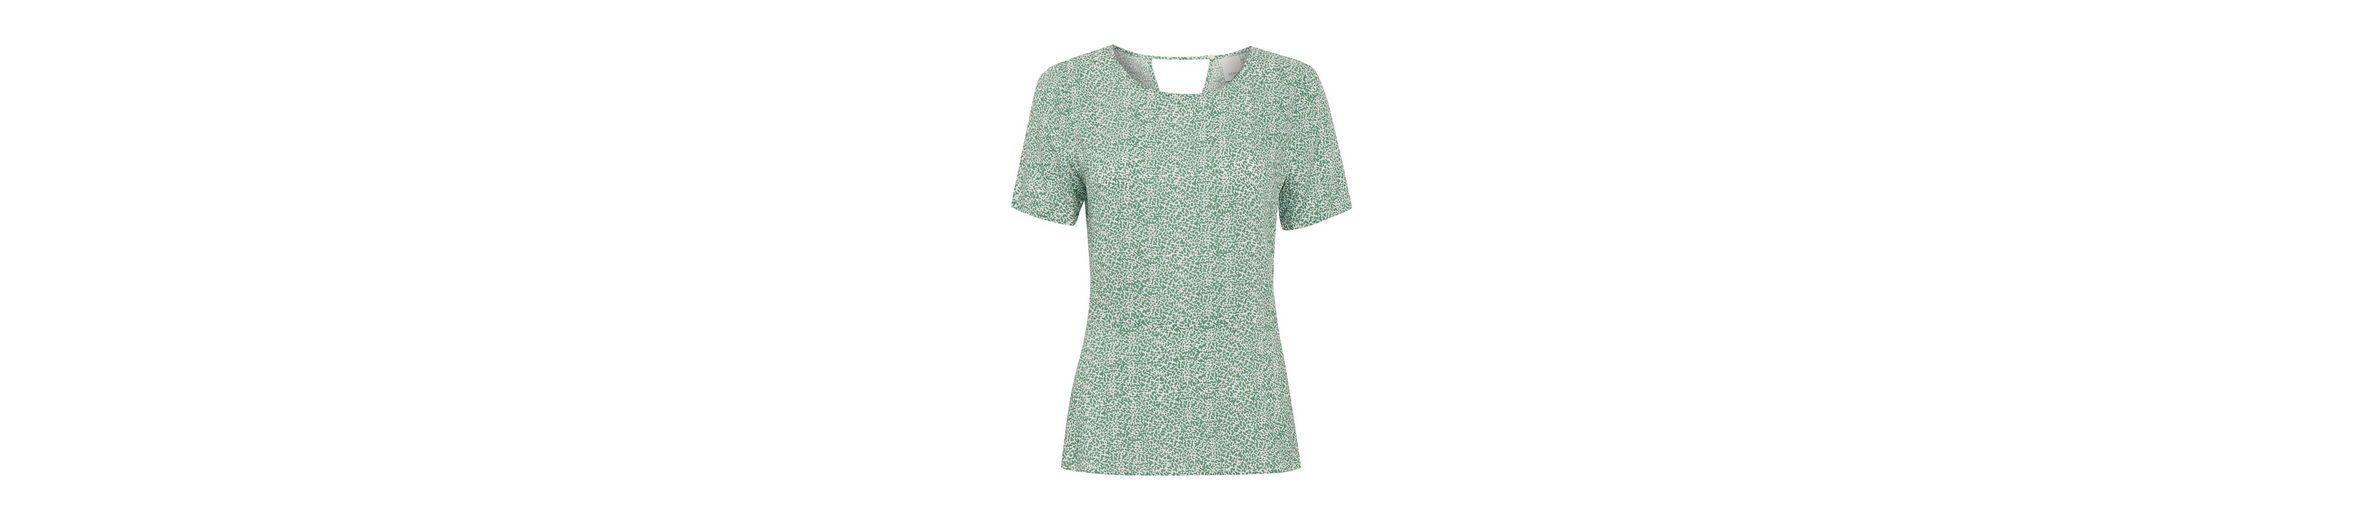 Ichi T-Shirt FACOVA Billig Online-Shop Manchester Frei Verschiffen Billig Große Überraschung Billig Verkauf 2018 Neue Für Schönen Günstigen Preis xn5i0Ebuw